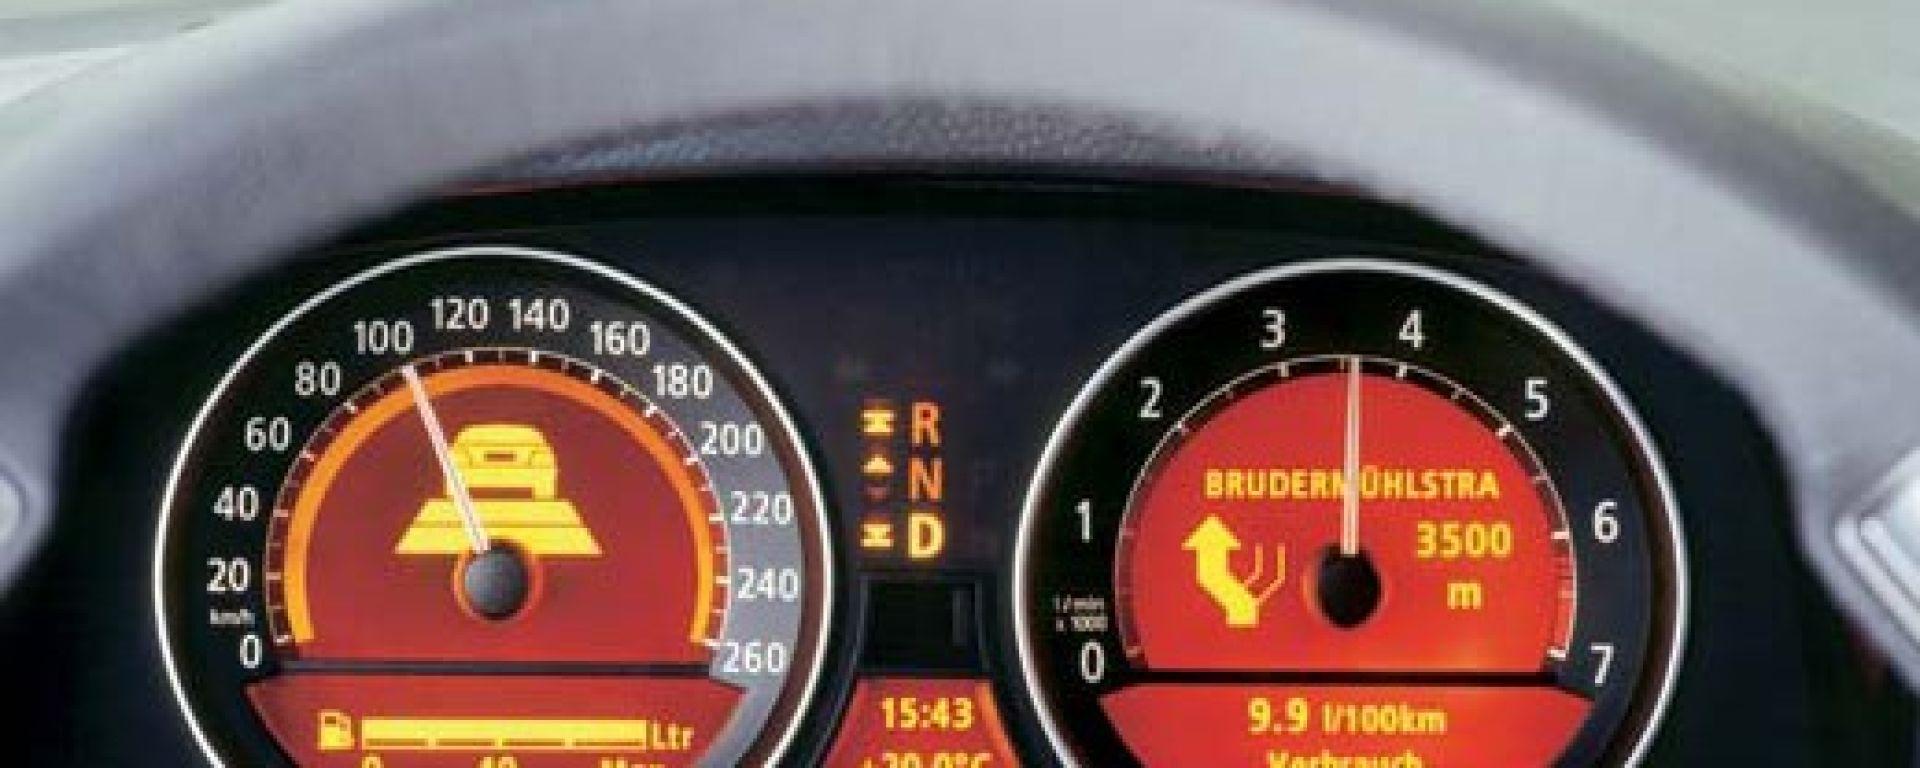 BMW Serie 7 my 2002